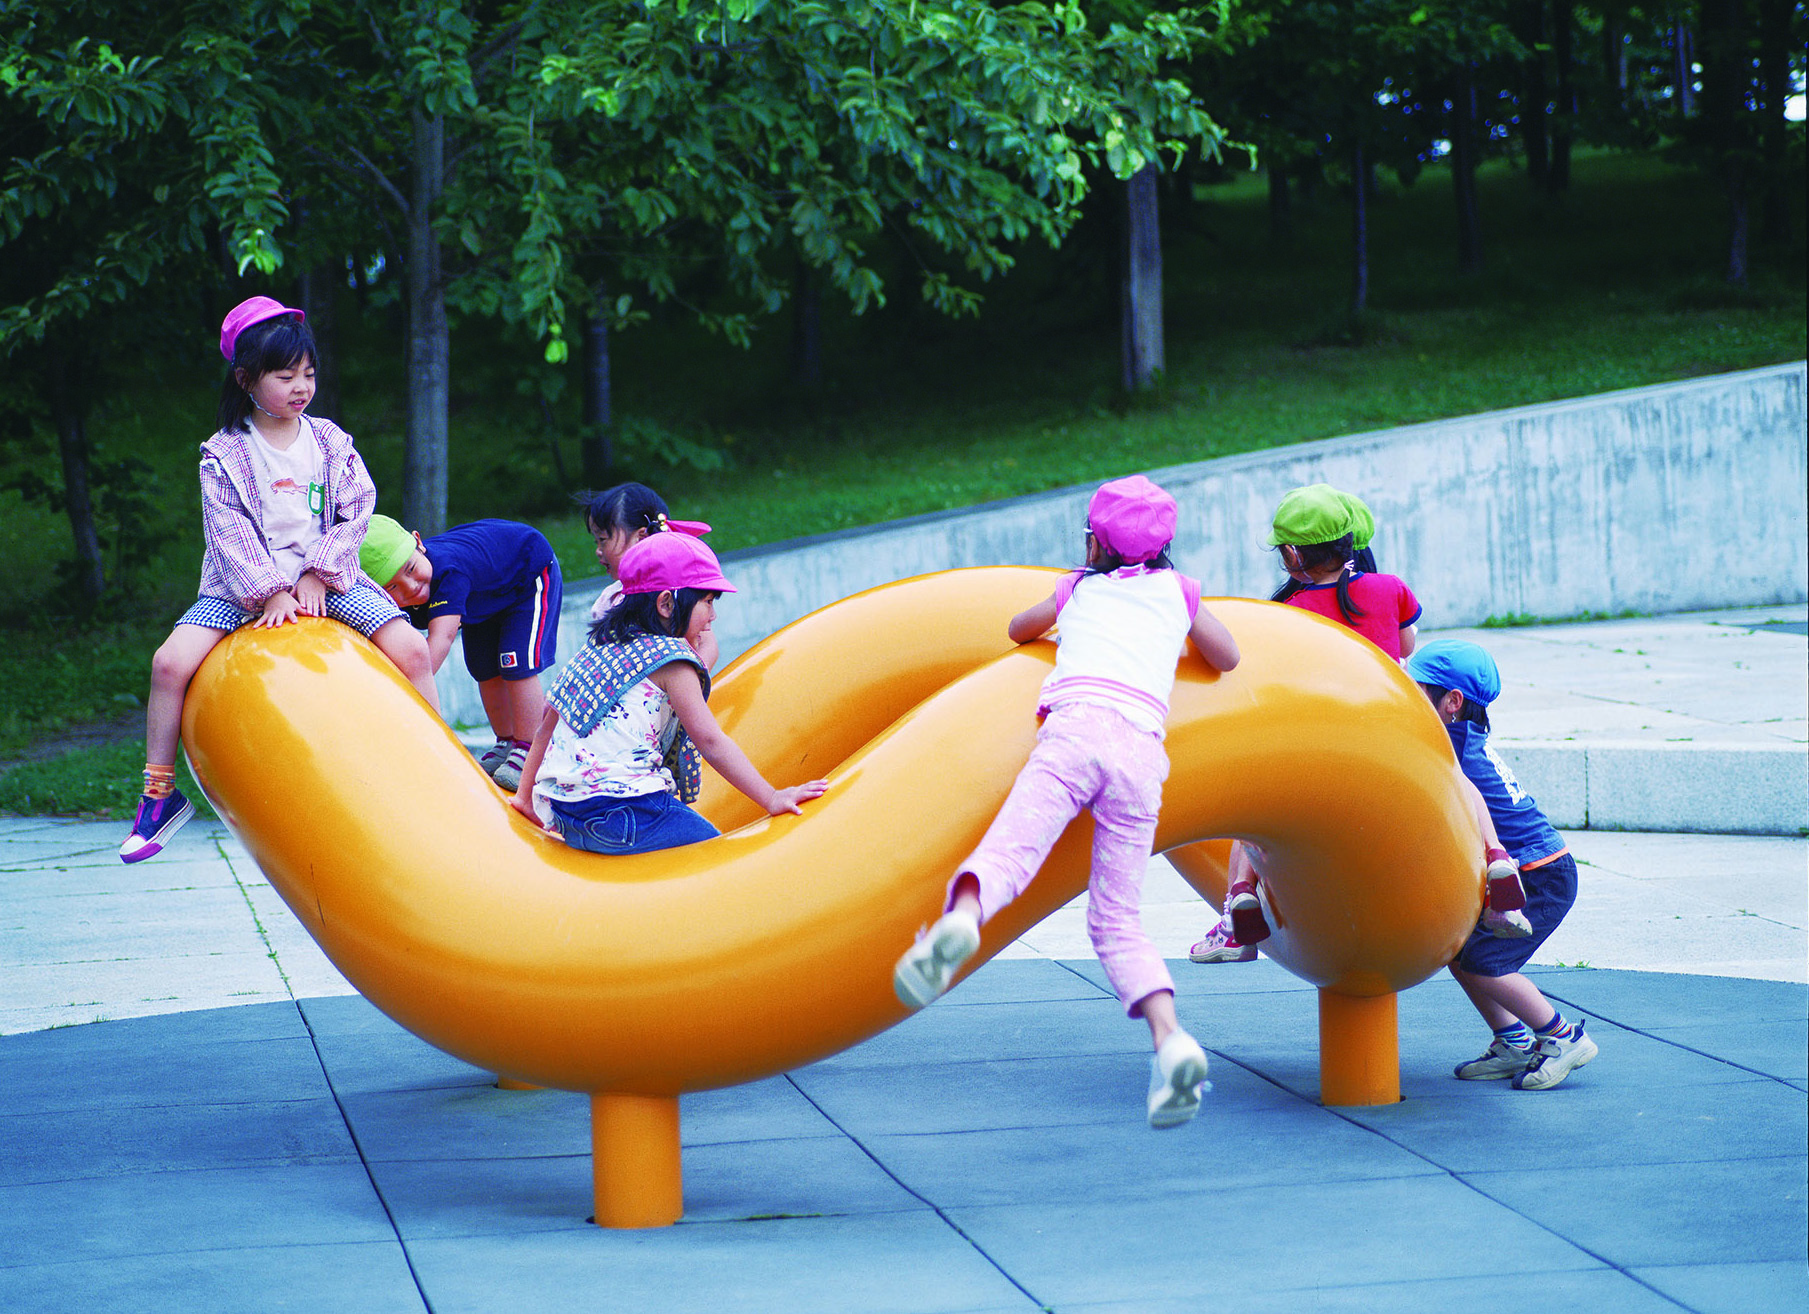 イサム・ノグチ モエレ沼公園遊具広場 1982-1995年 写真提供:モエレ沼公園 撮影:並木博夫